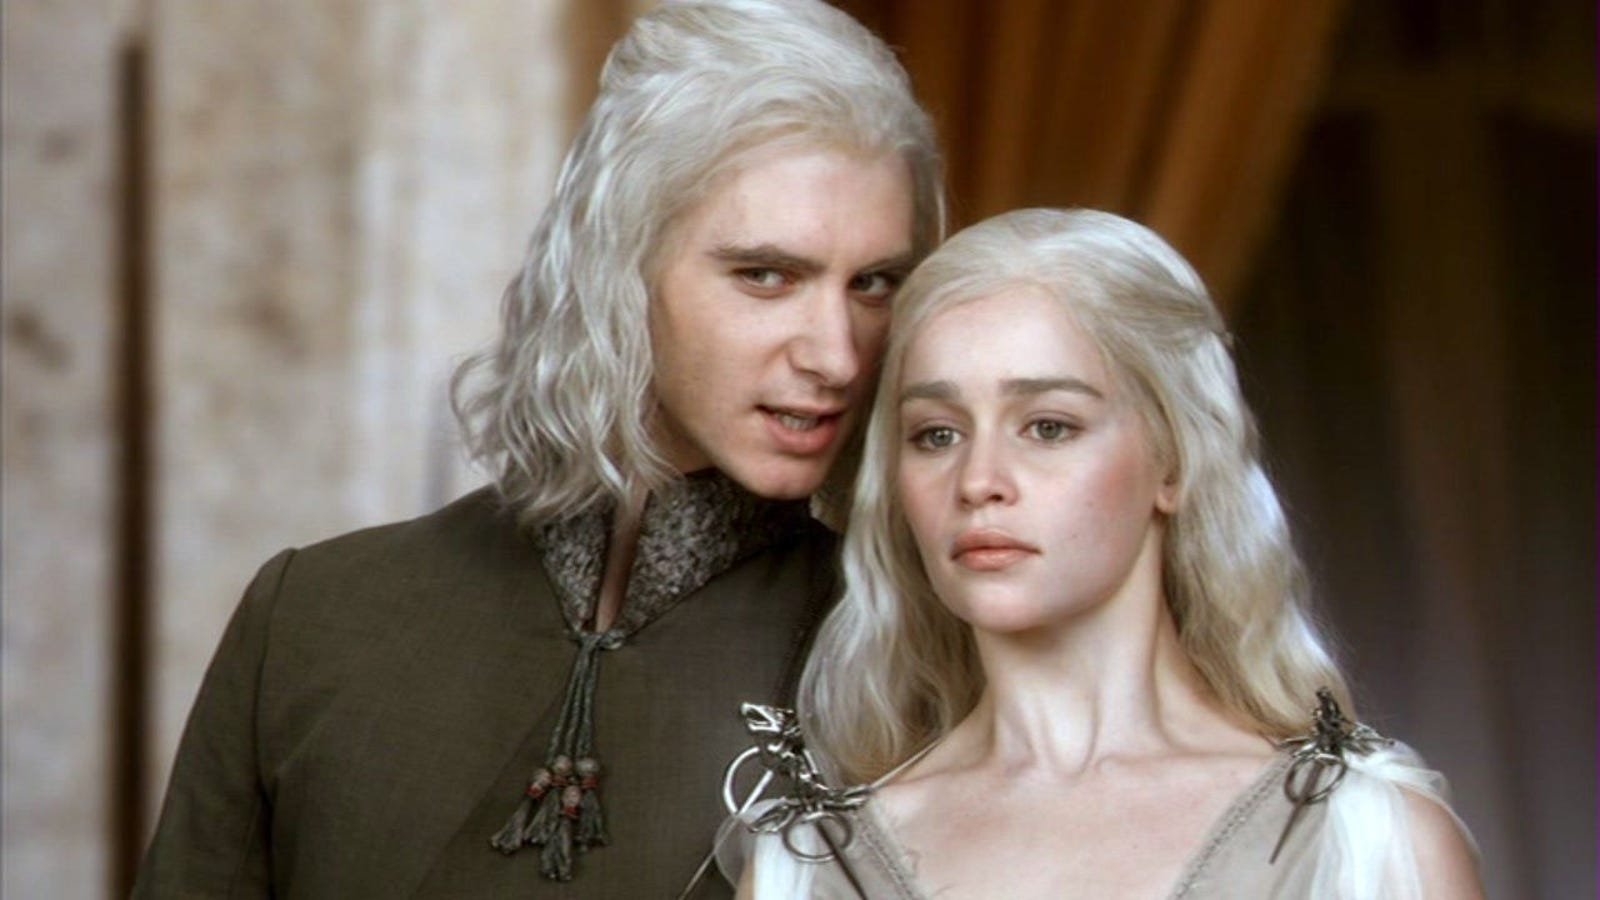 George R.R. Martin Discusses That New, Targaryen-Focused Game of Thrones Prequel